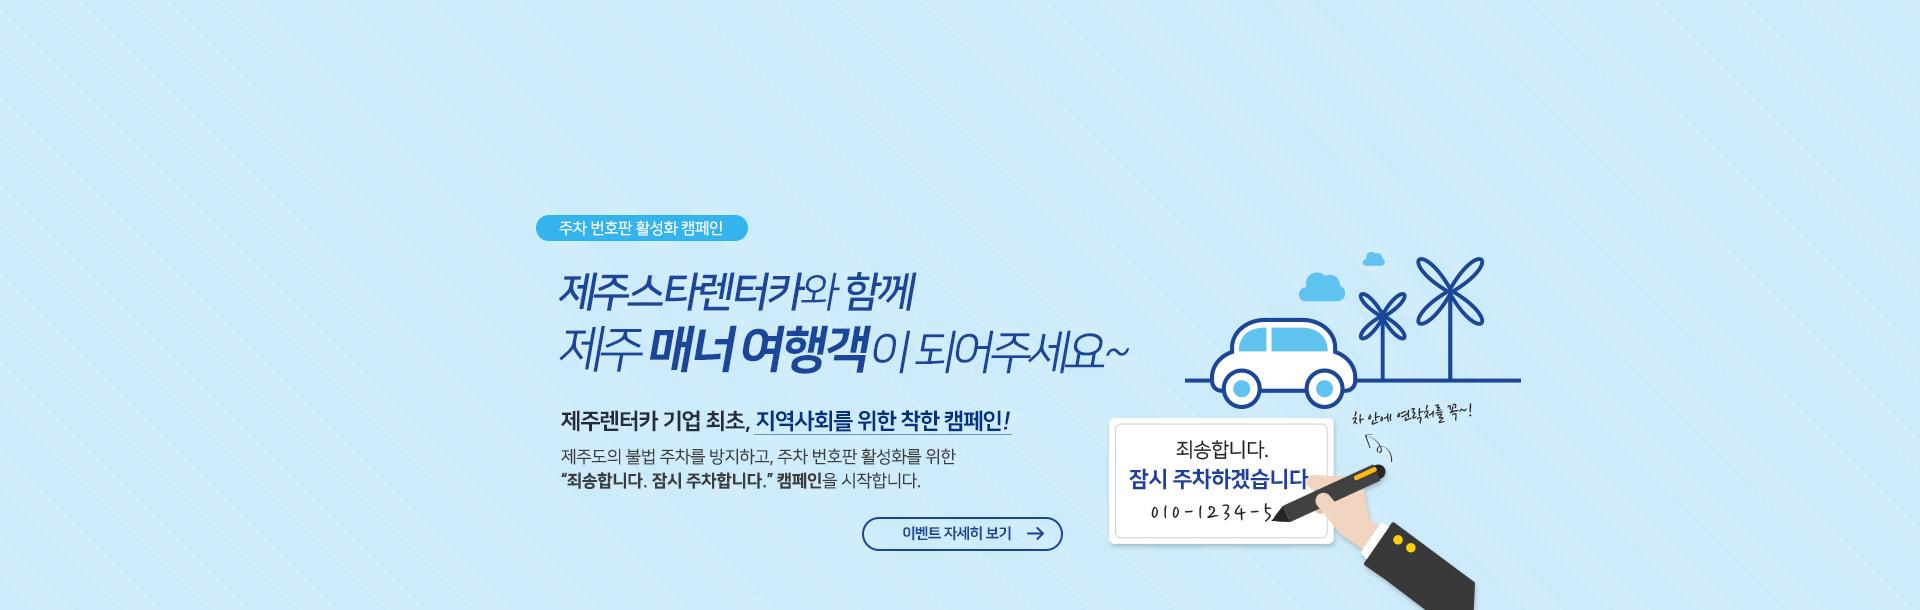 주차 번호판 활성화 캠페인